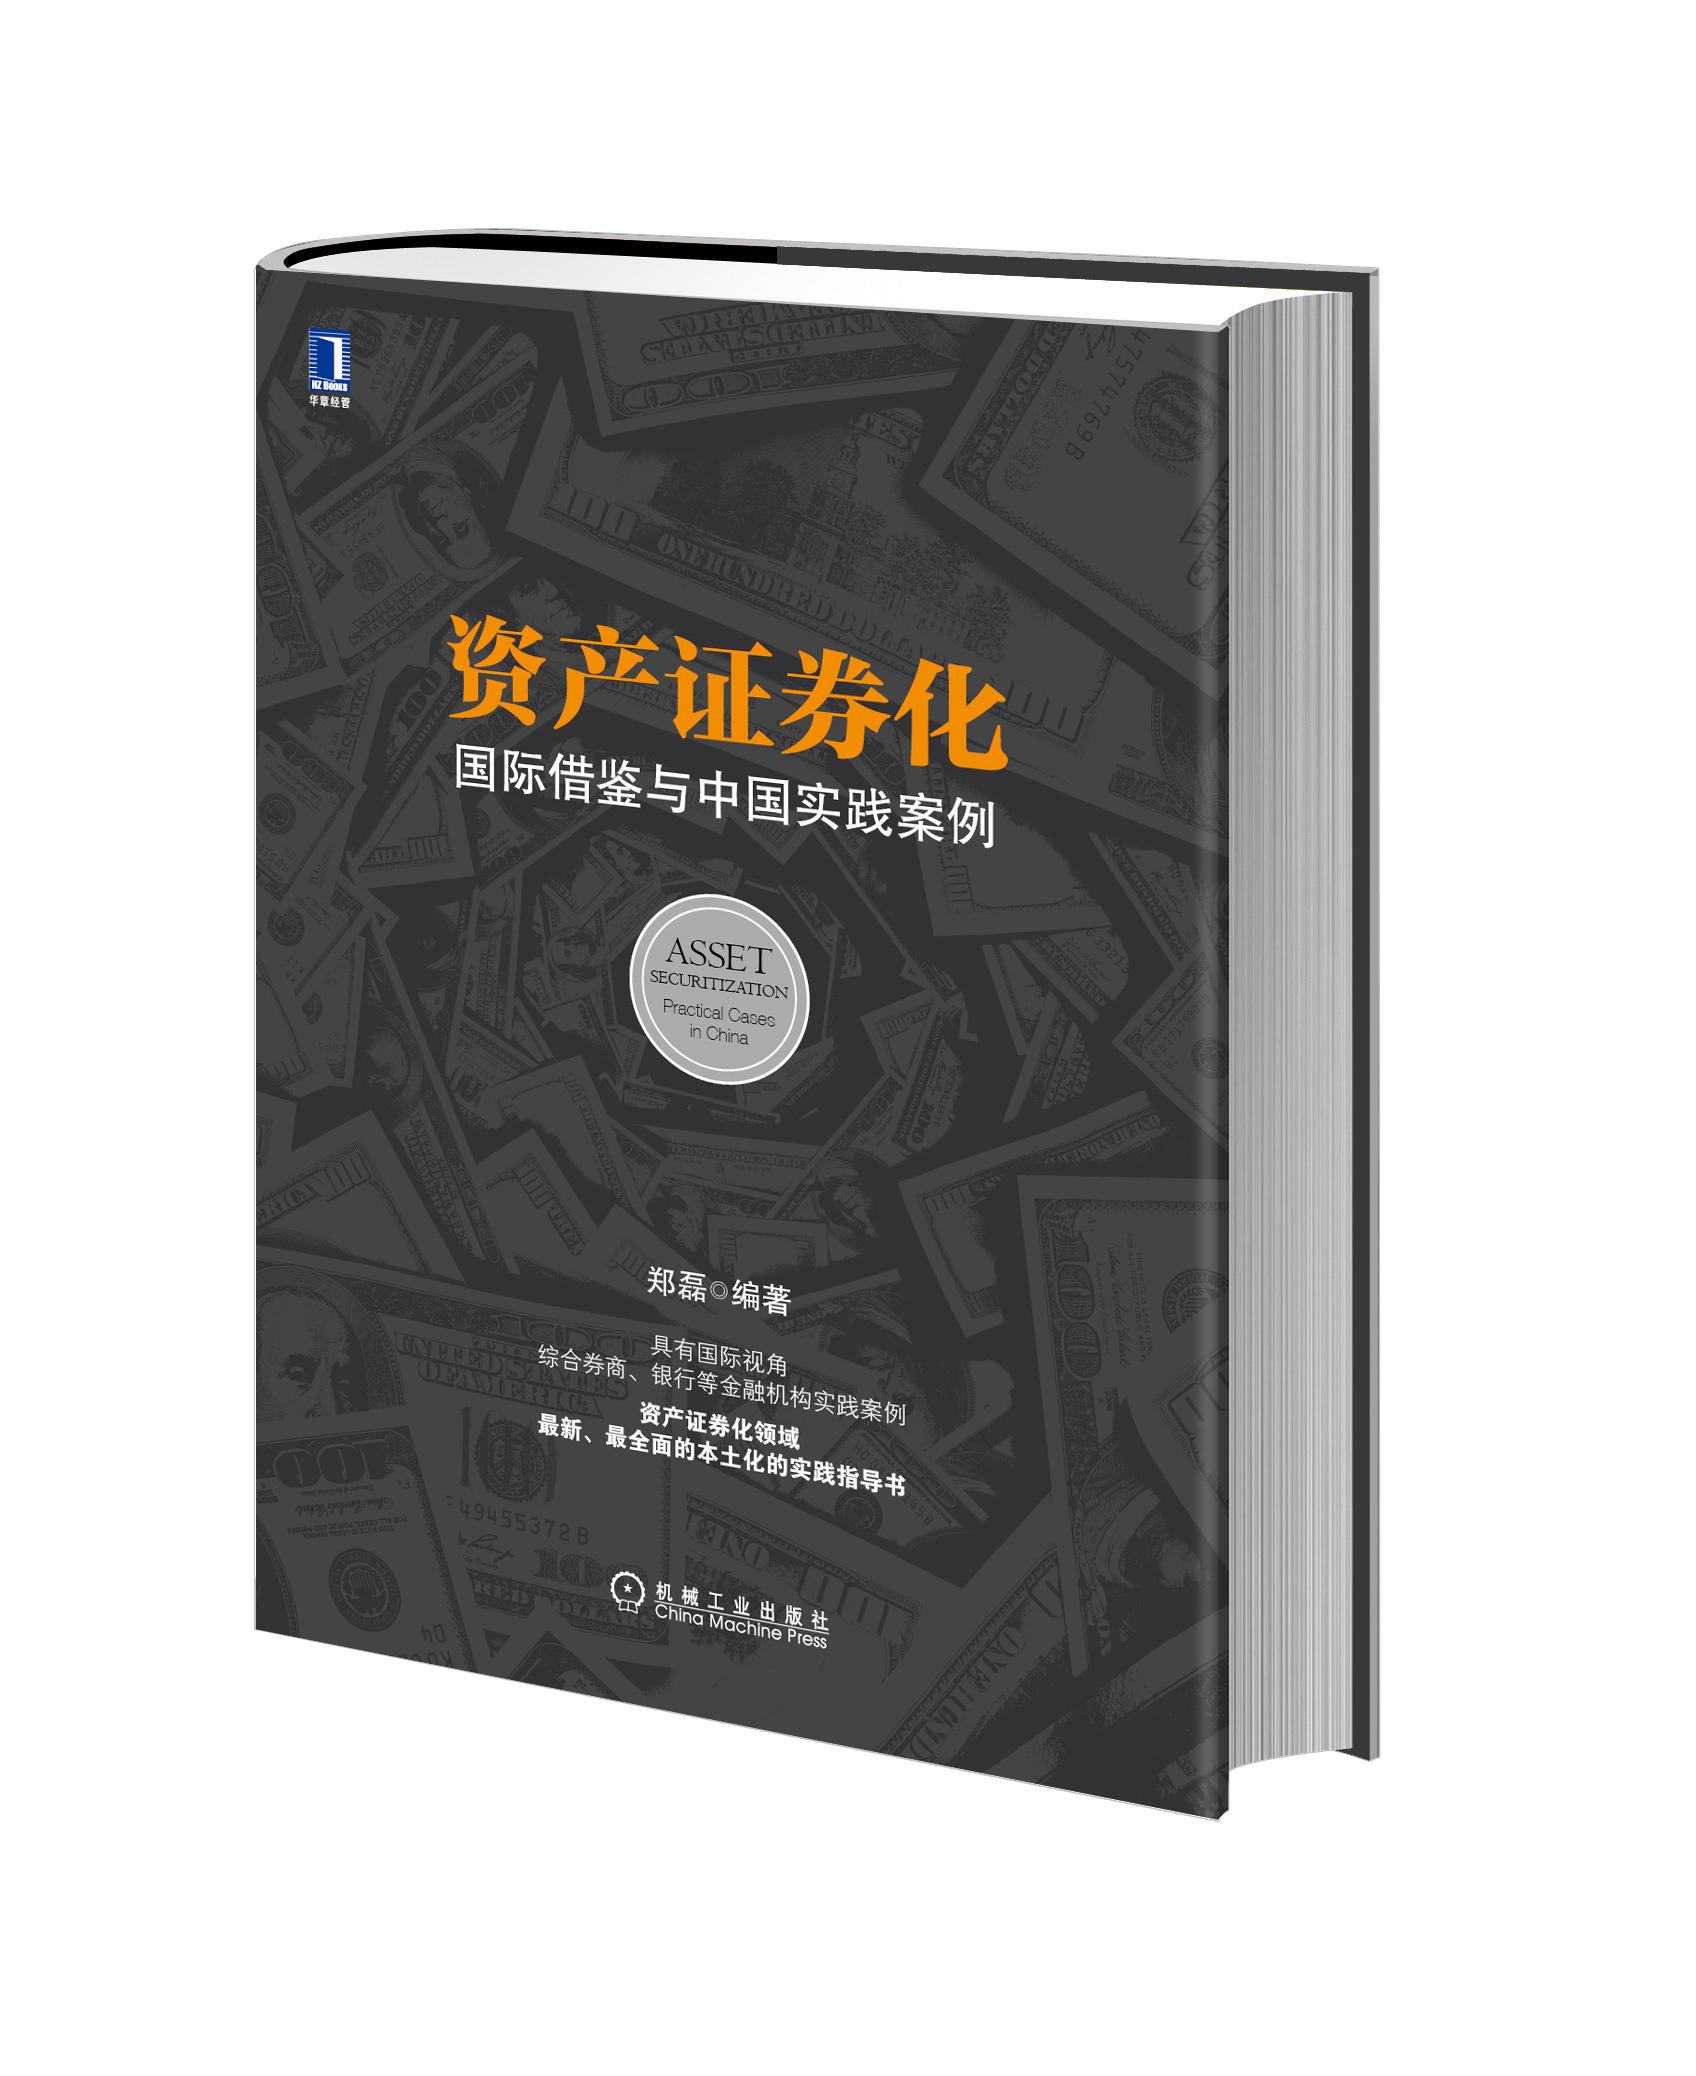 3804176|正版包邮资产证券化:国际借鉴与中国实践案例/金融投资